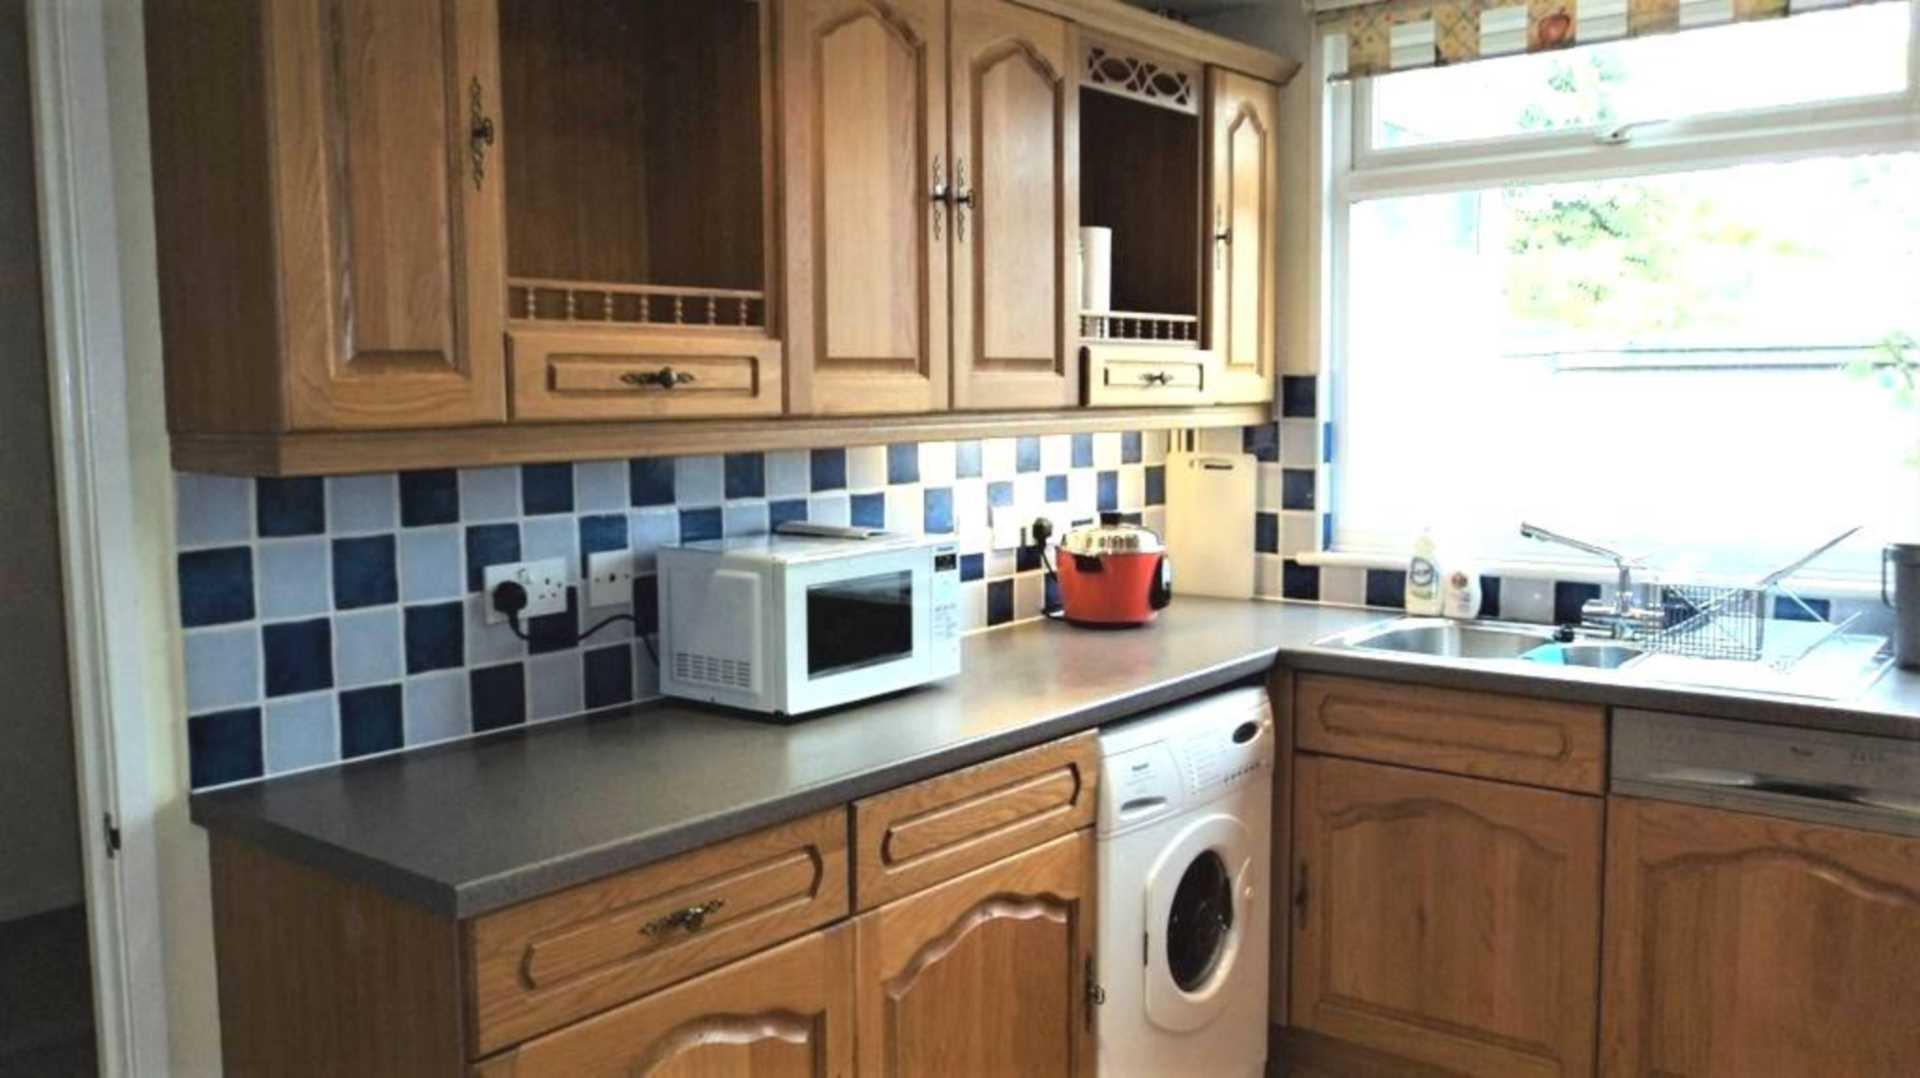 Room 4, 1 Windsor Close, Onslow Village, Guildford, GU2 7QU, Image 5